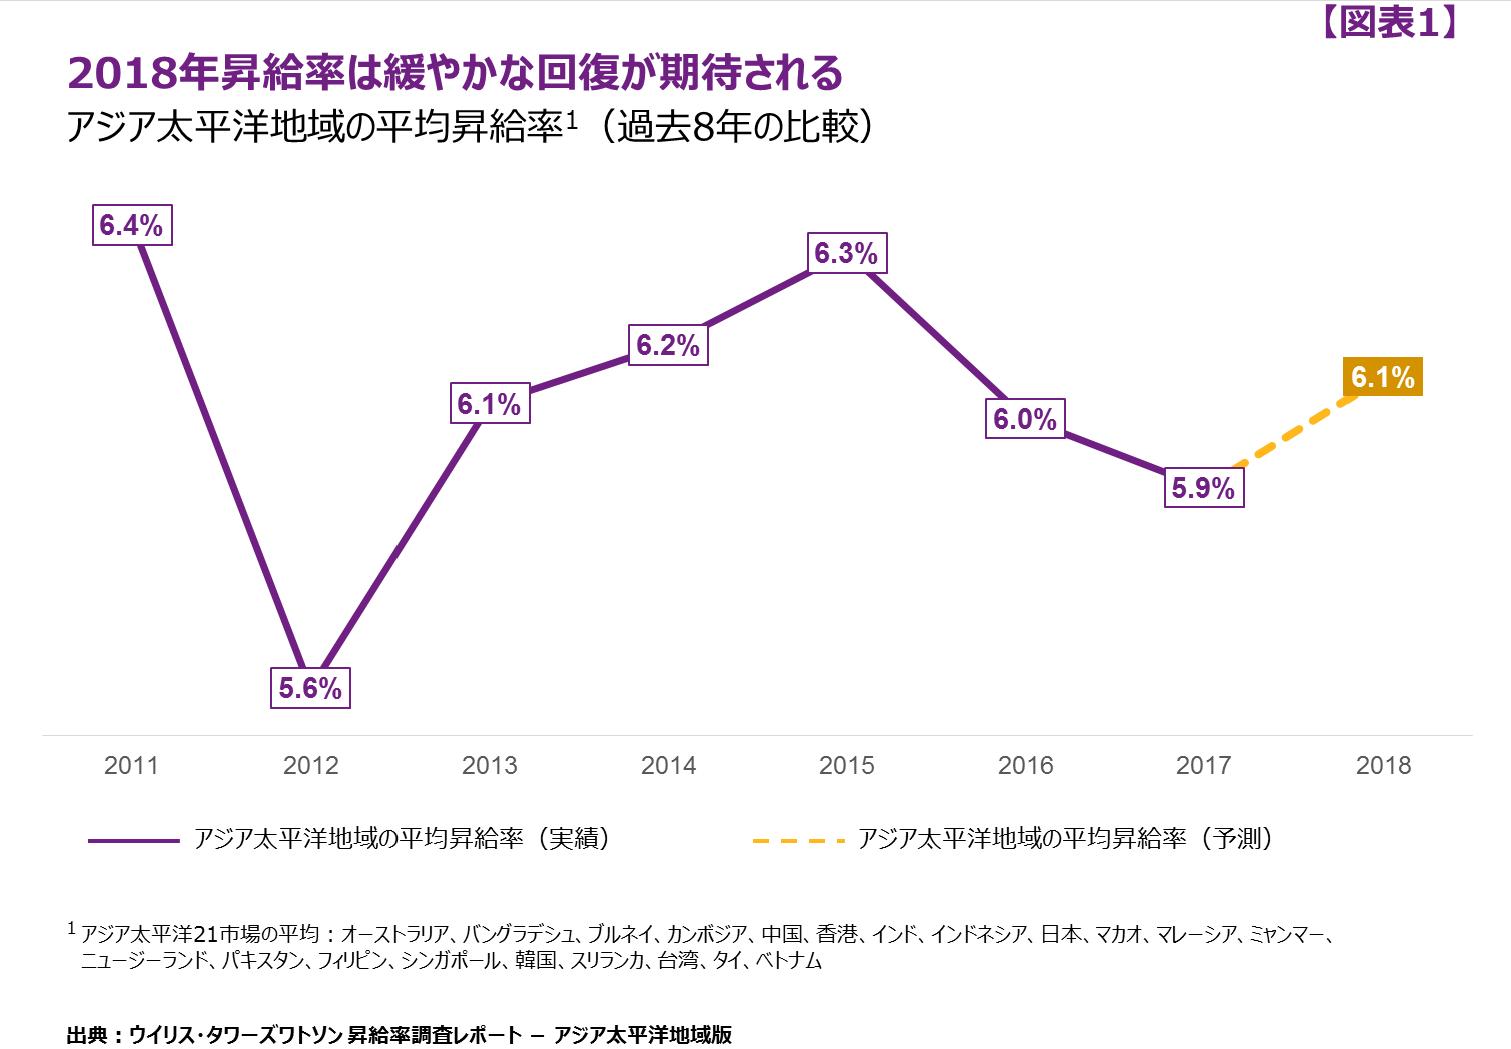 アジア太平洋地域の昇給率は、インド・中国・ベトナムが高く、日本も ...